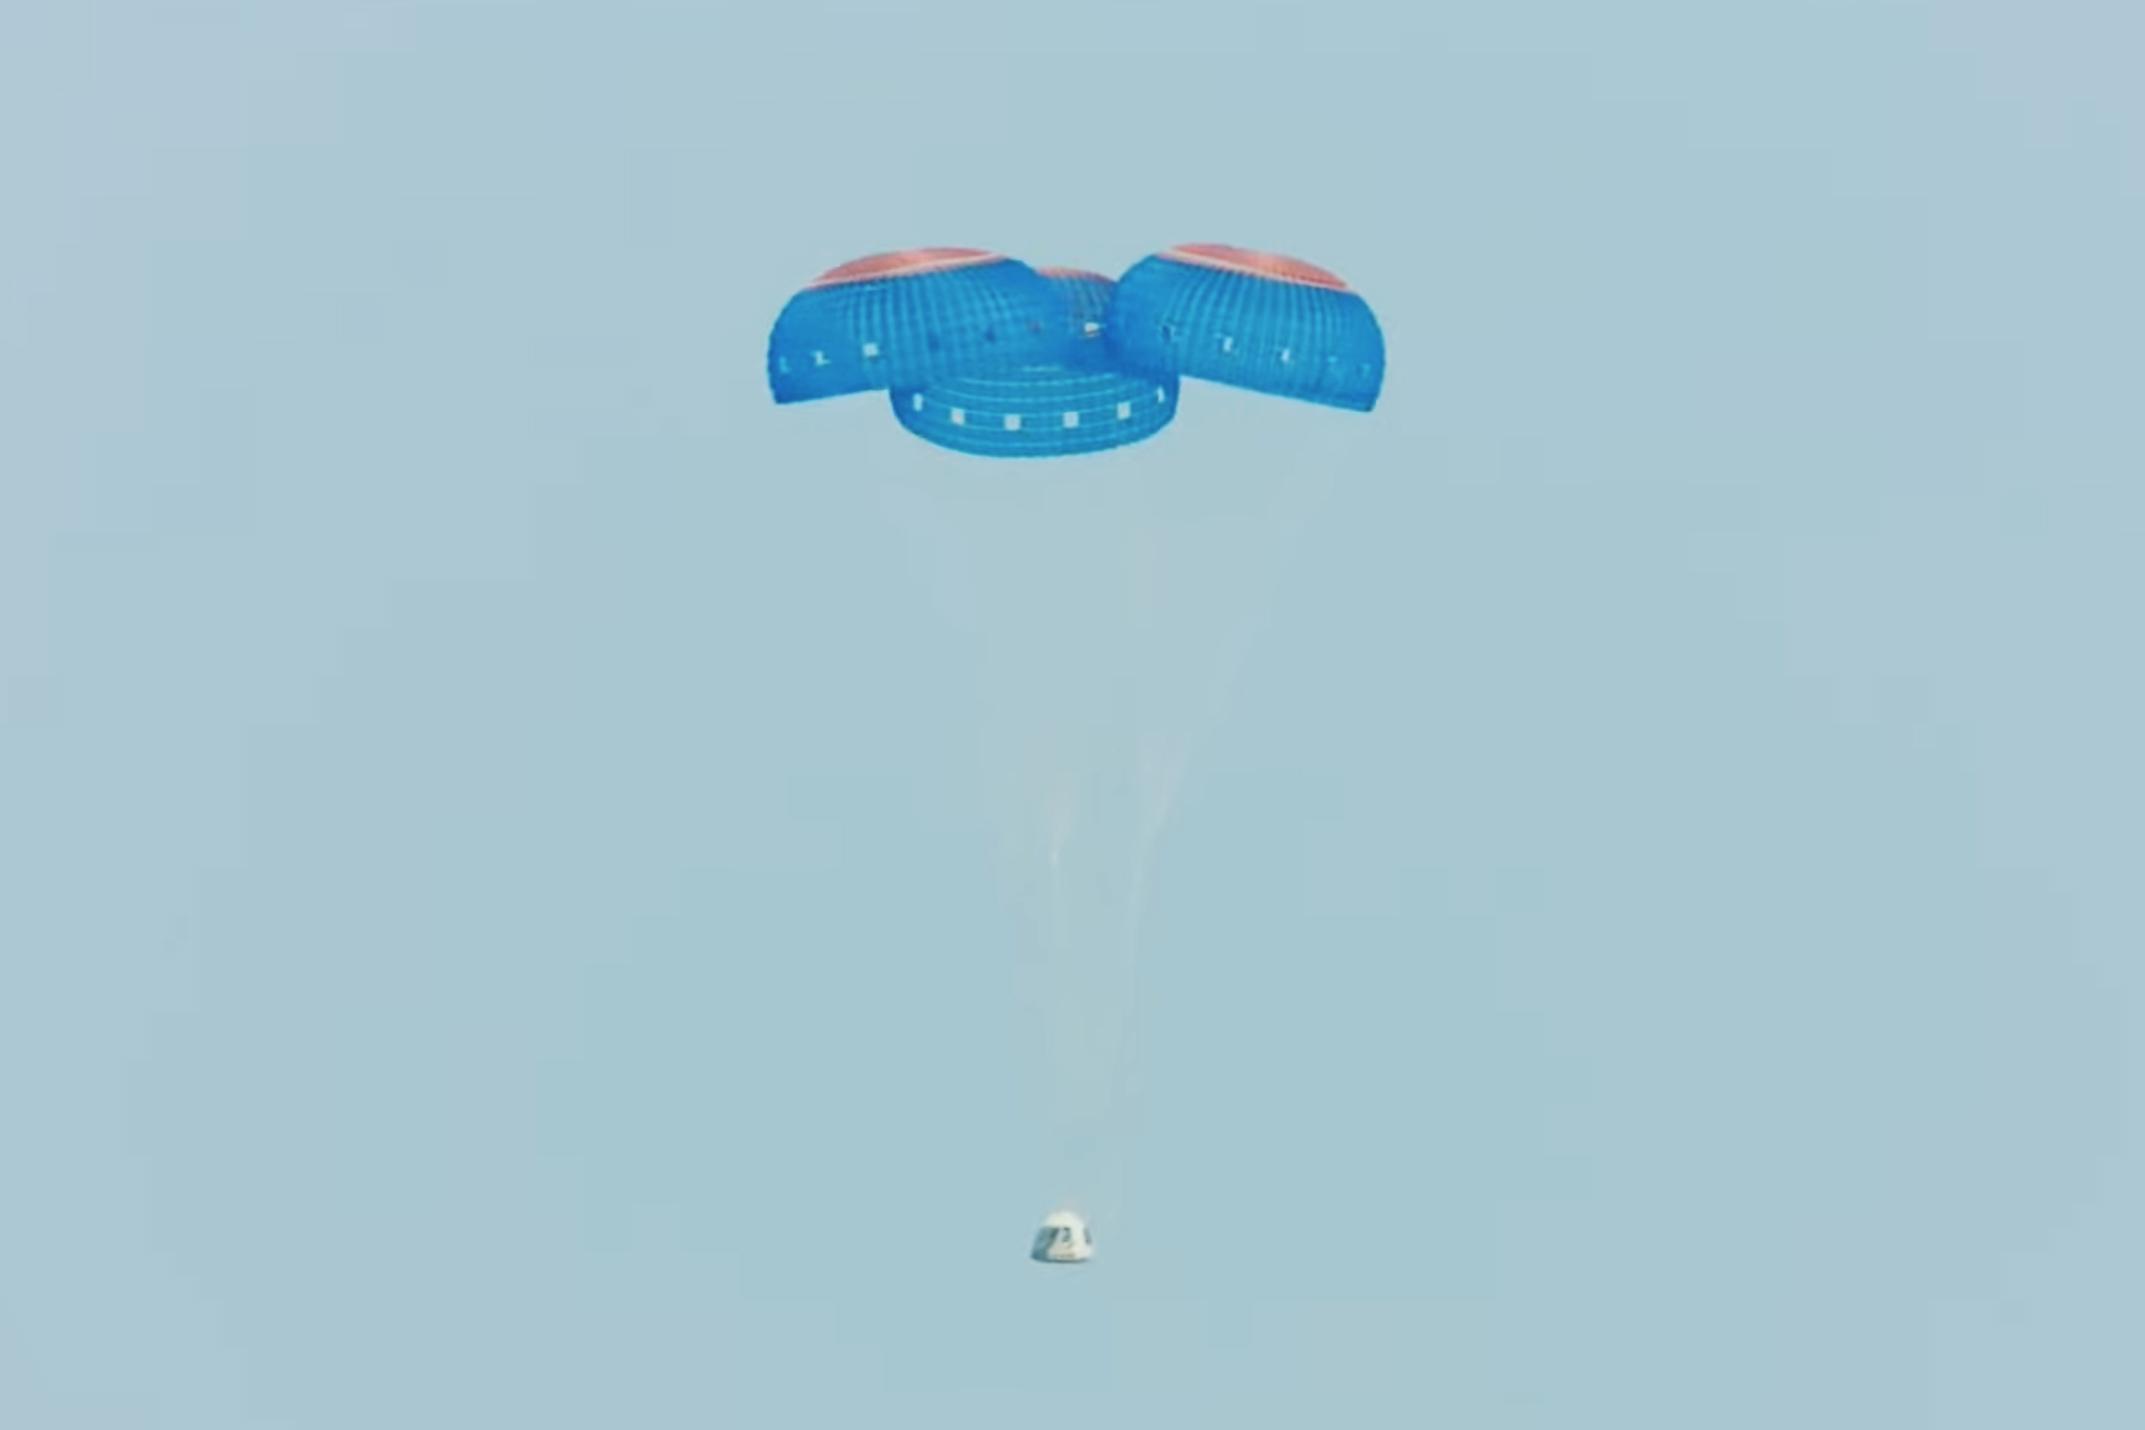 這張美國藍色起源公司7月20日發布的視頻截圖顯示「新謝潑德」飛行器在美國得克薩斯州西部降落。新華社發(藍色起源公司供圖)